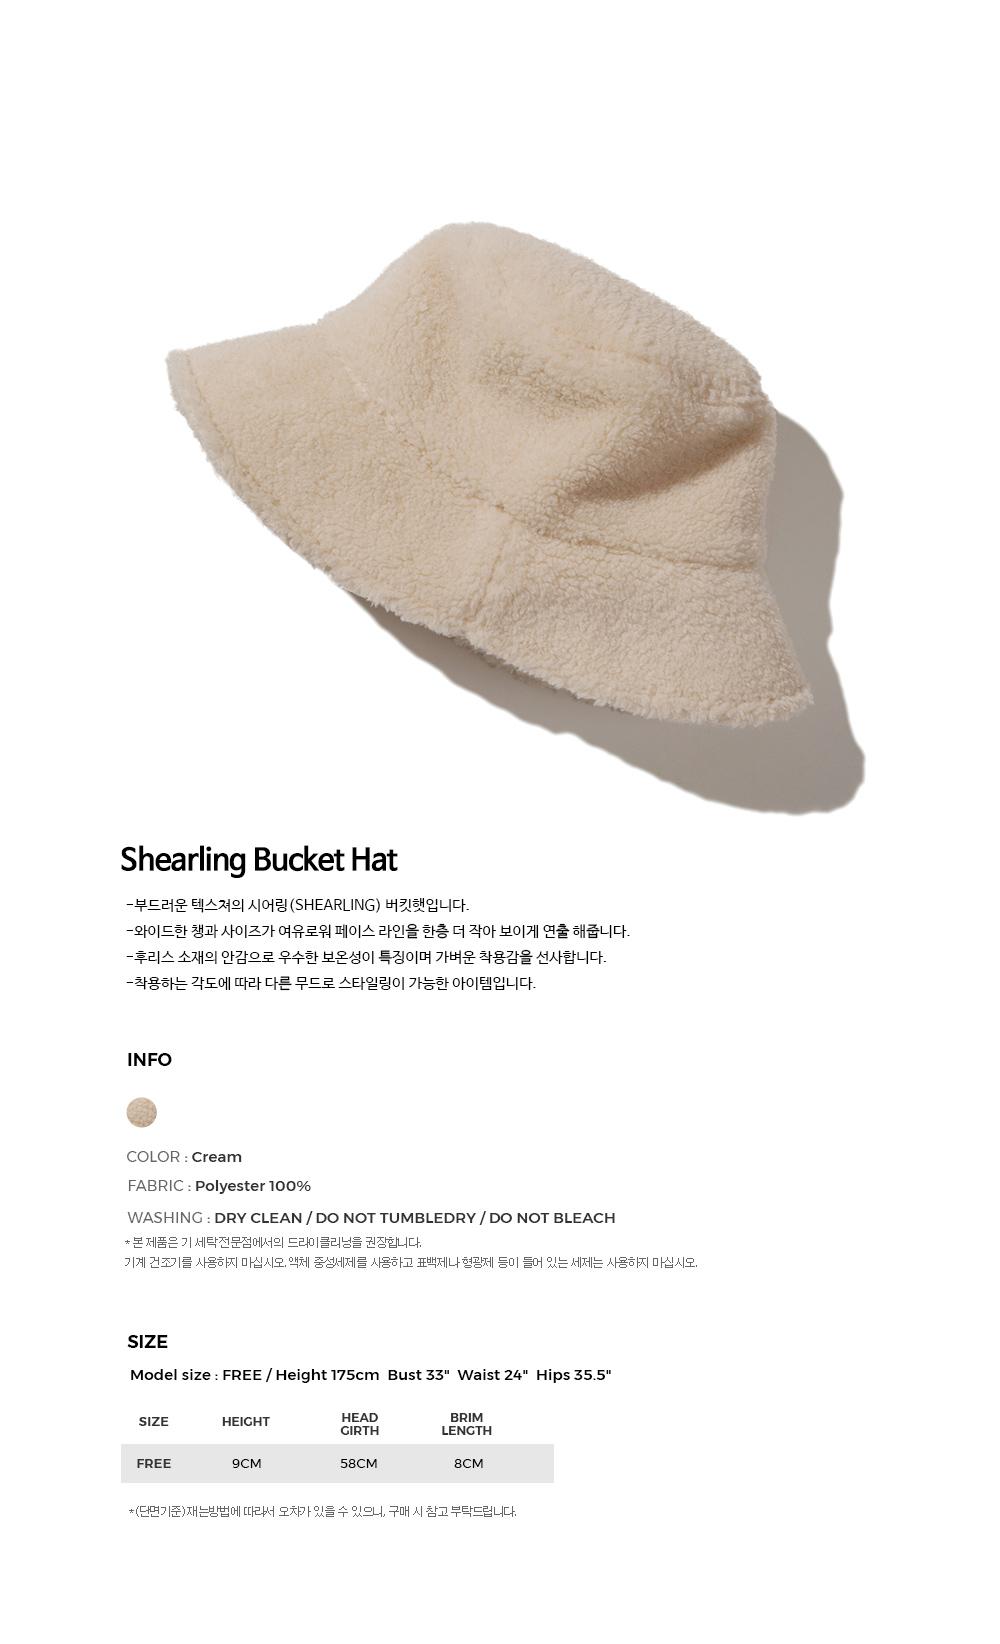 논로컬(NONLOCAL) Shearling Bucket Hat - Cream